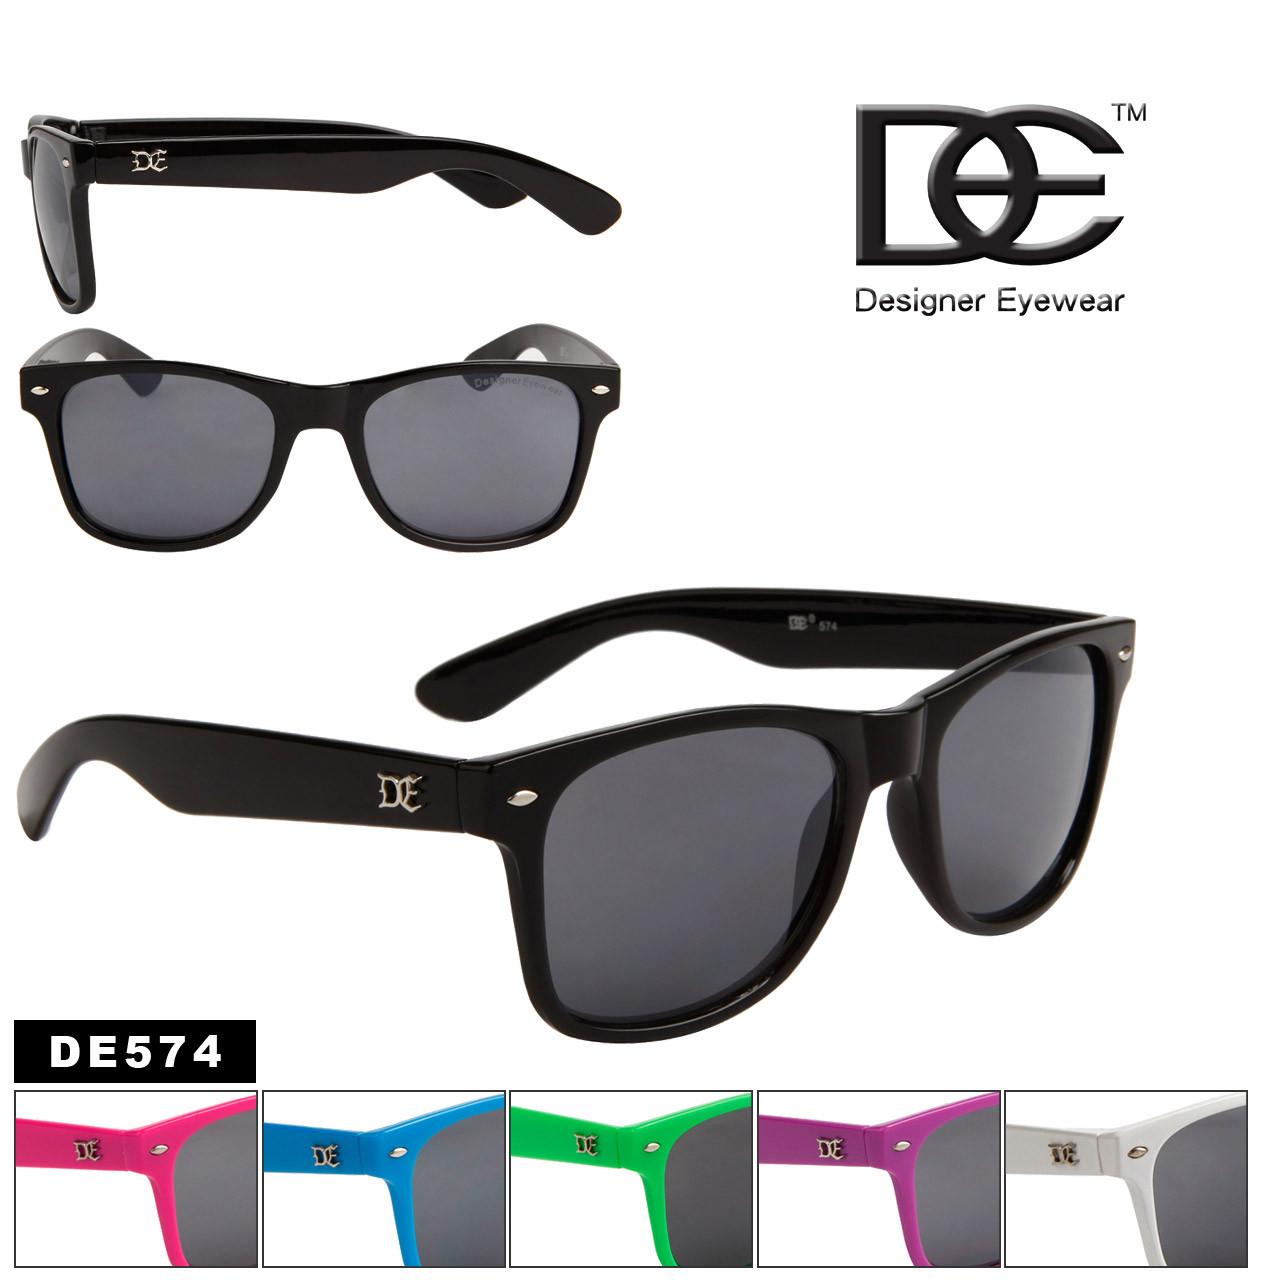 DE™ California Classics Sunglasses by the Dozen - Style DE574